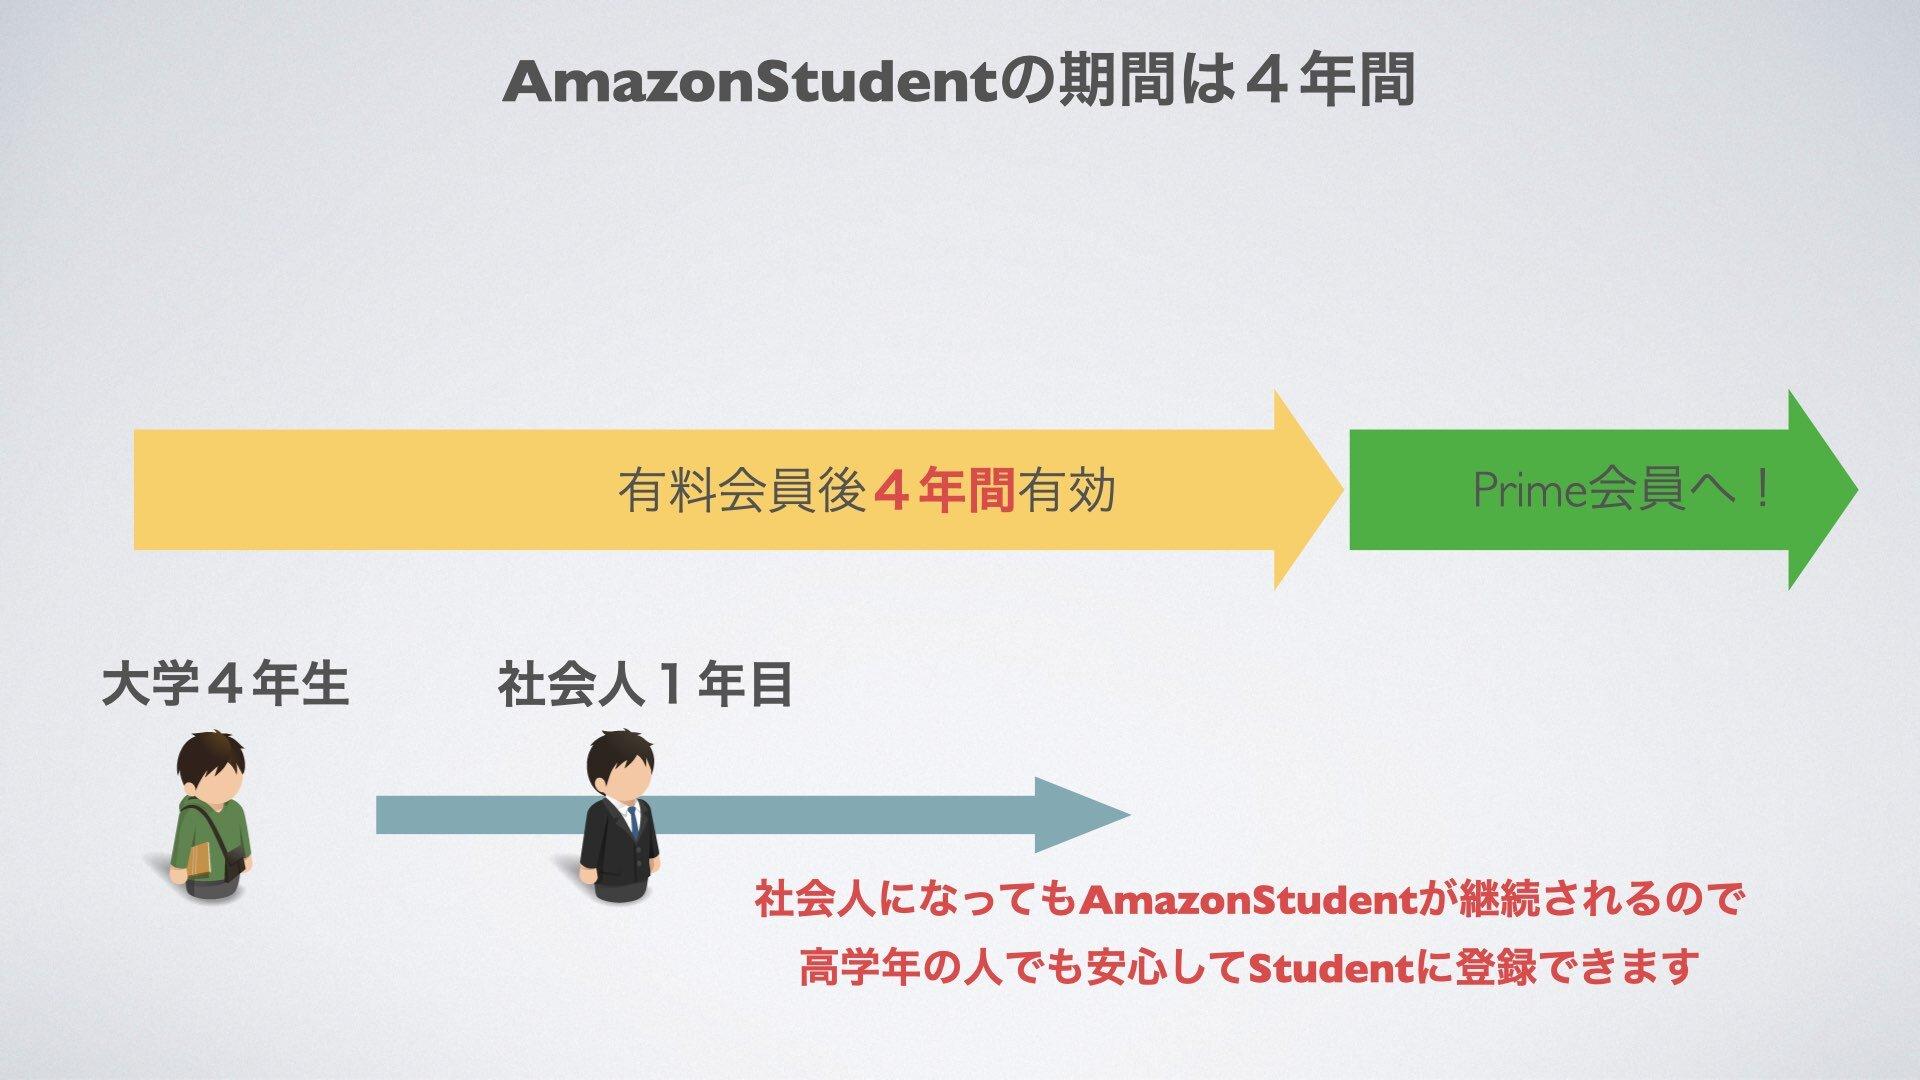 AmazonStudentの有効期間は4年間です